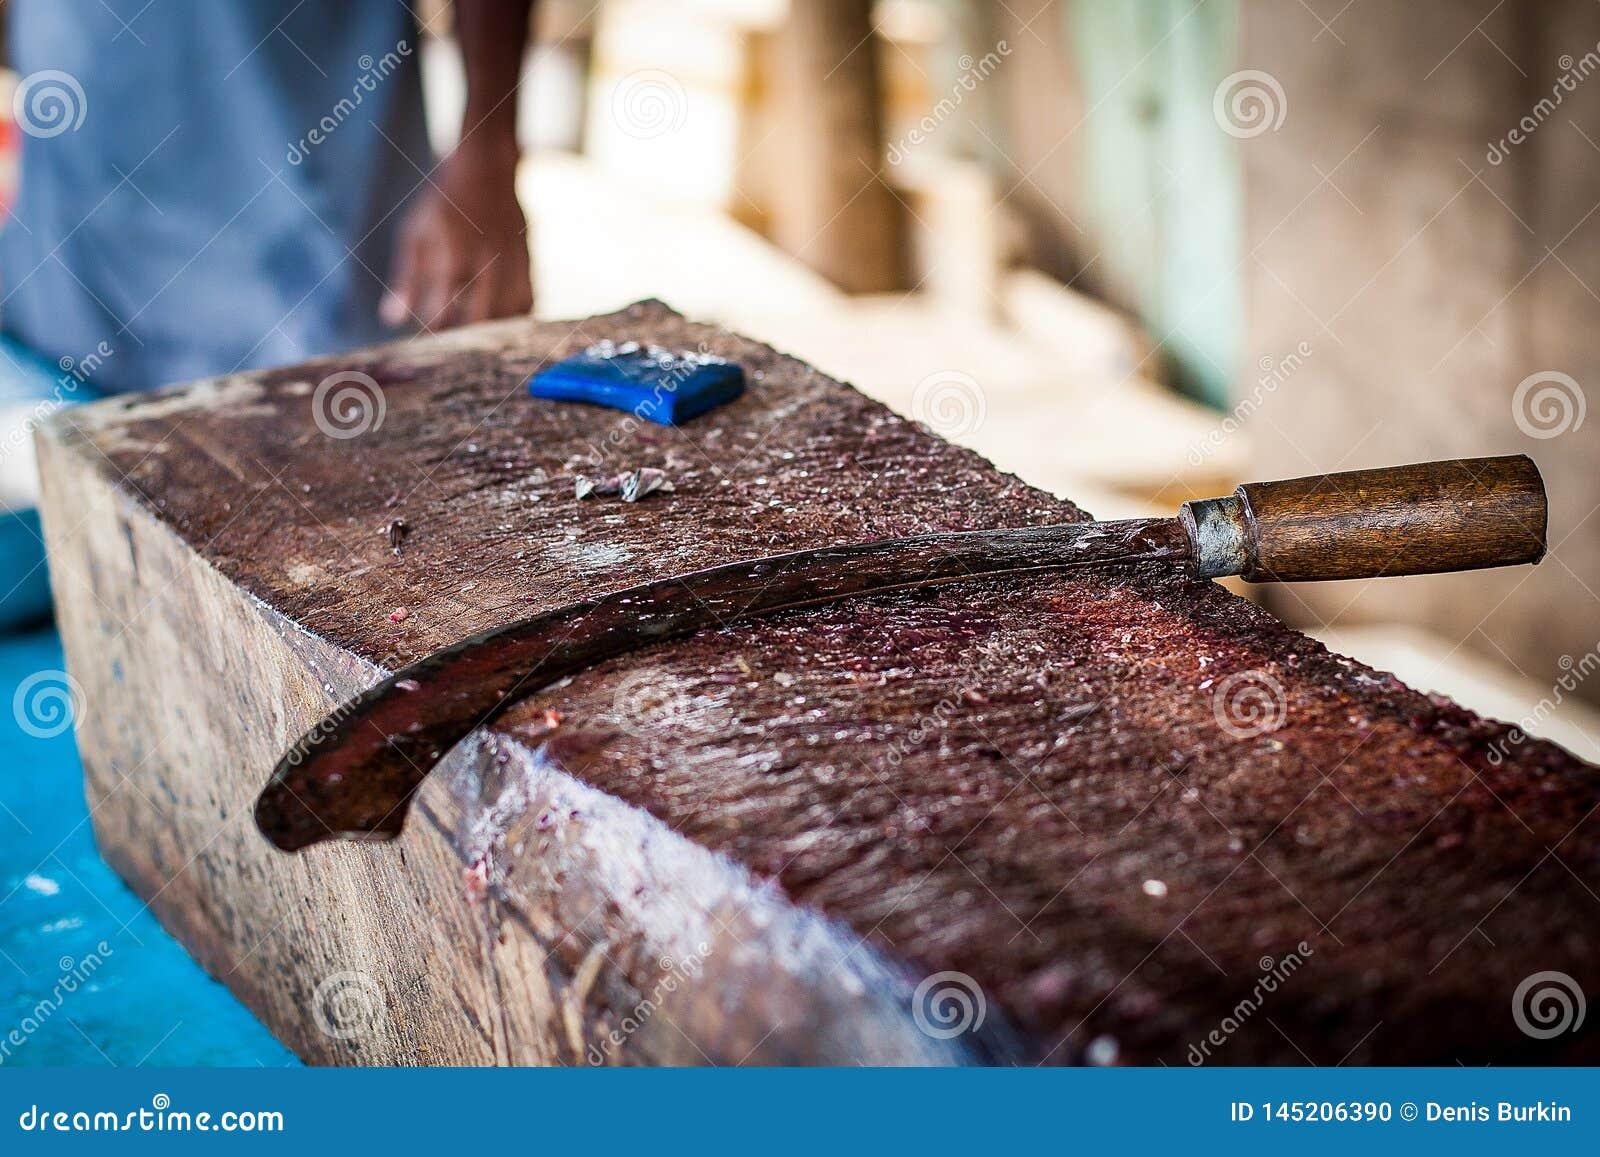 Faca curvada para cortar peixes na placa de corte a ferramenta do pescador para cortar peixes Marisco fresco